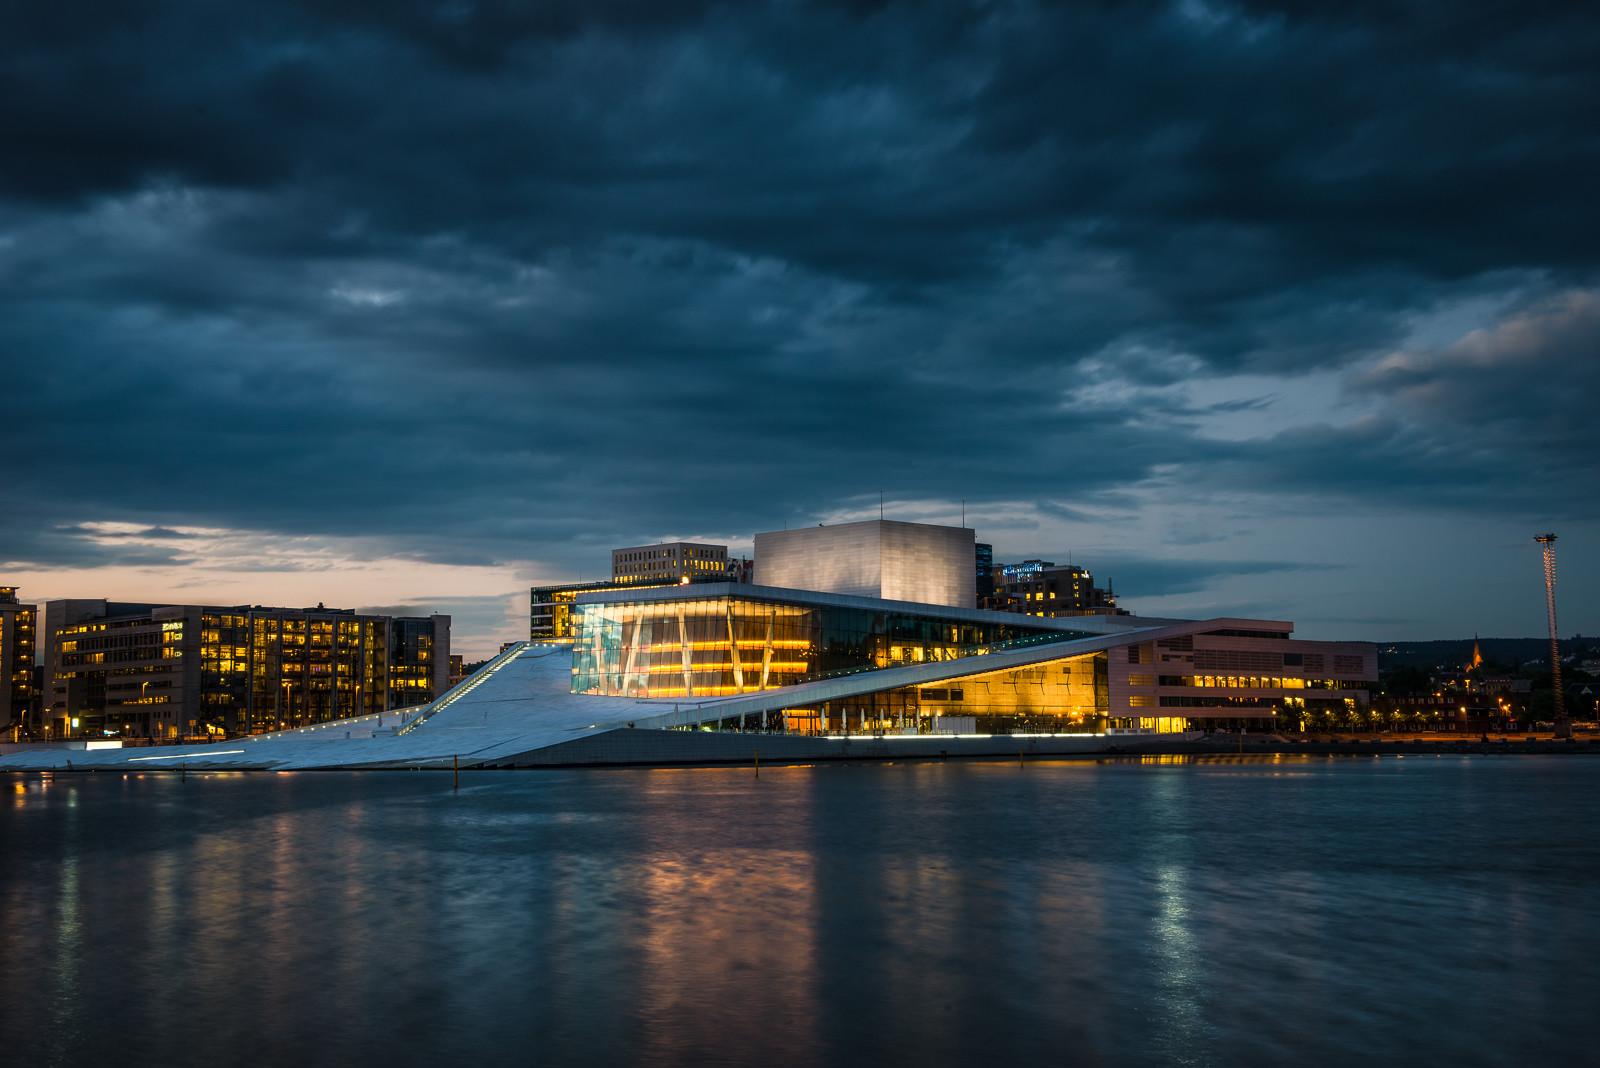 BIG, MVRDV e Snøhetta entre os seis finalistas do concurso para a sede do governo norueguês, Oslo Opera House / Snøhetta. Imagem © CC Flickr User Howard Ignatius